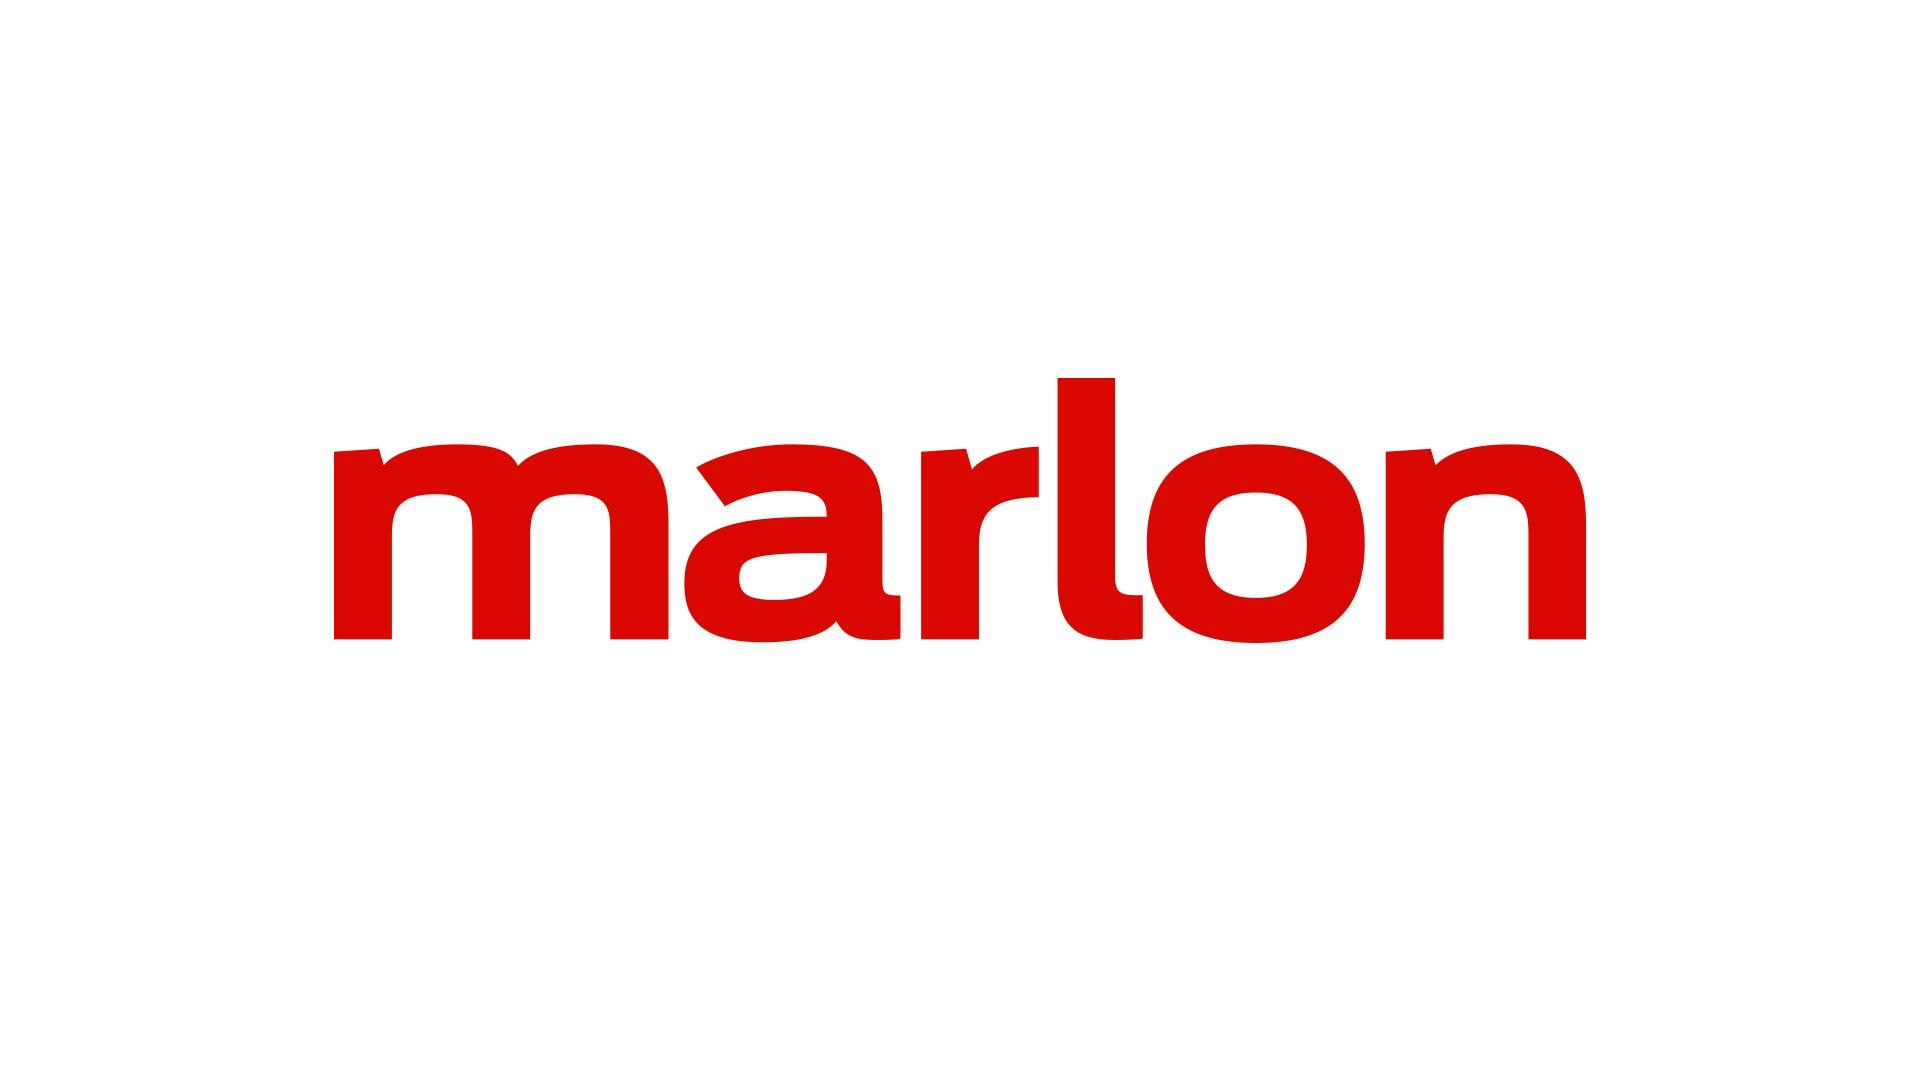 Marlon - NBC com